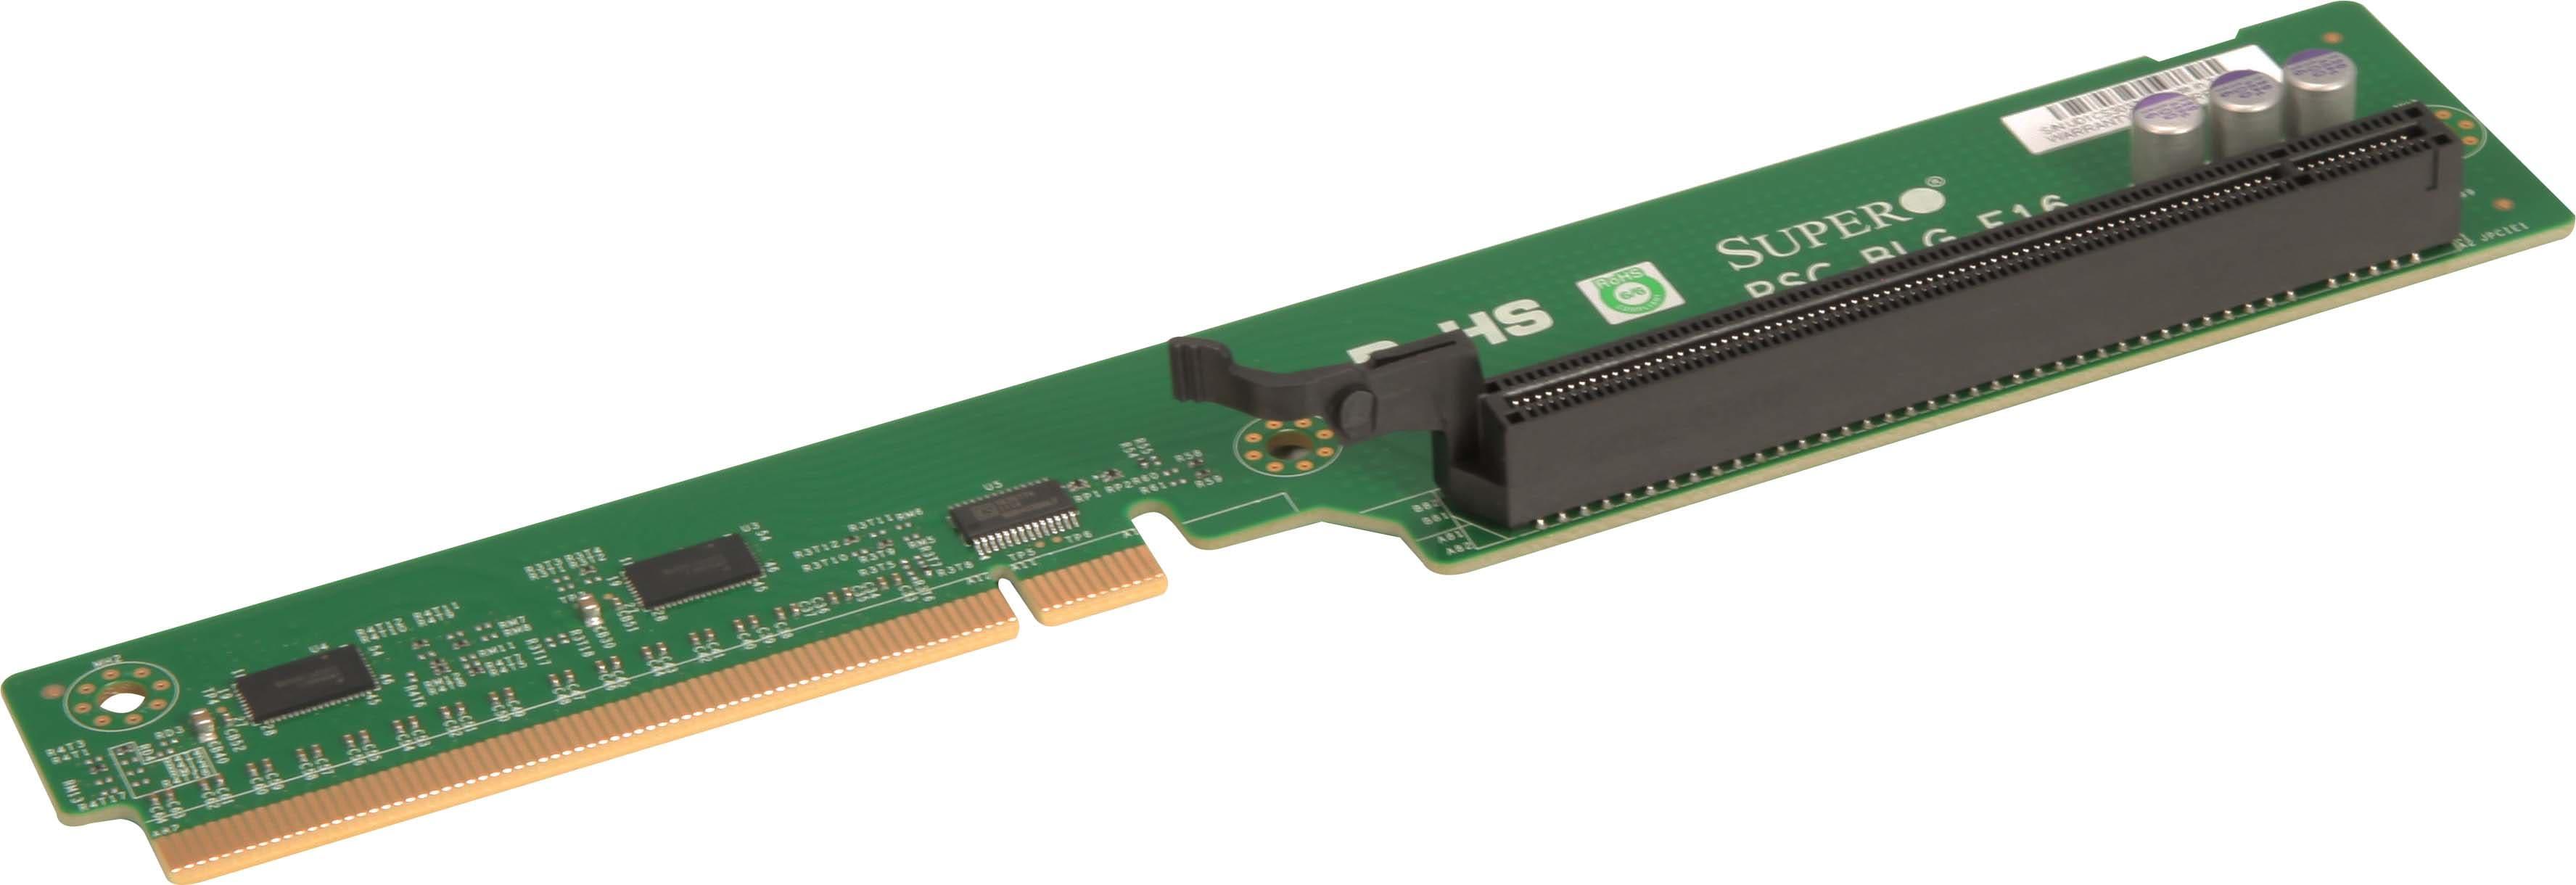 Replacement for PARTS-RSC-R2UU-2E4E8 2U UIO Riser Card W// 2 PCI-E X4 /& 1 PCI-E X8 Slots